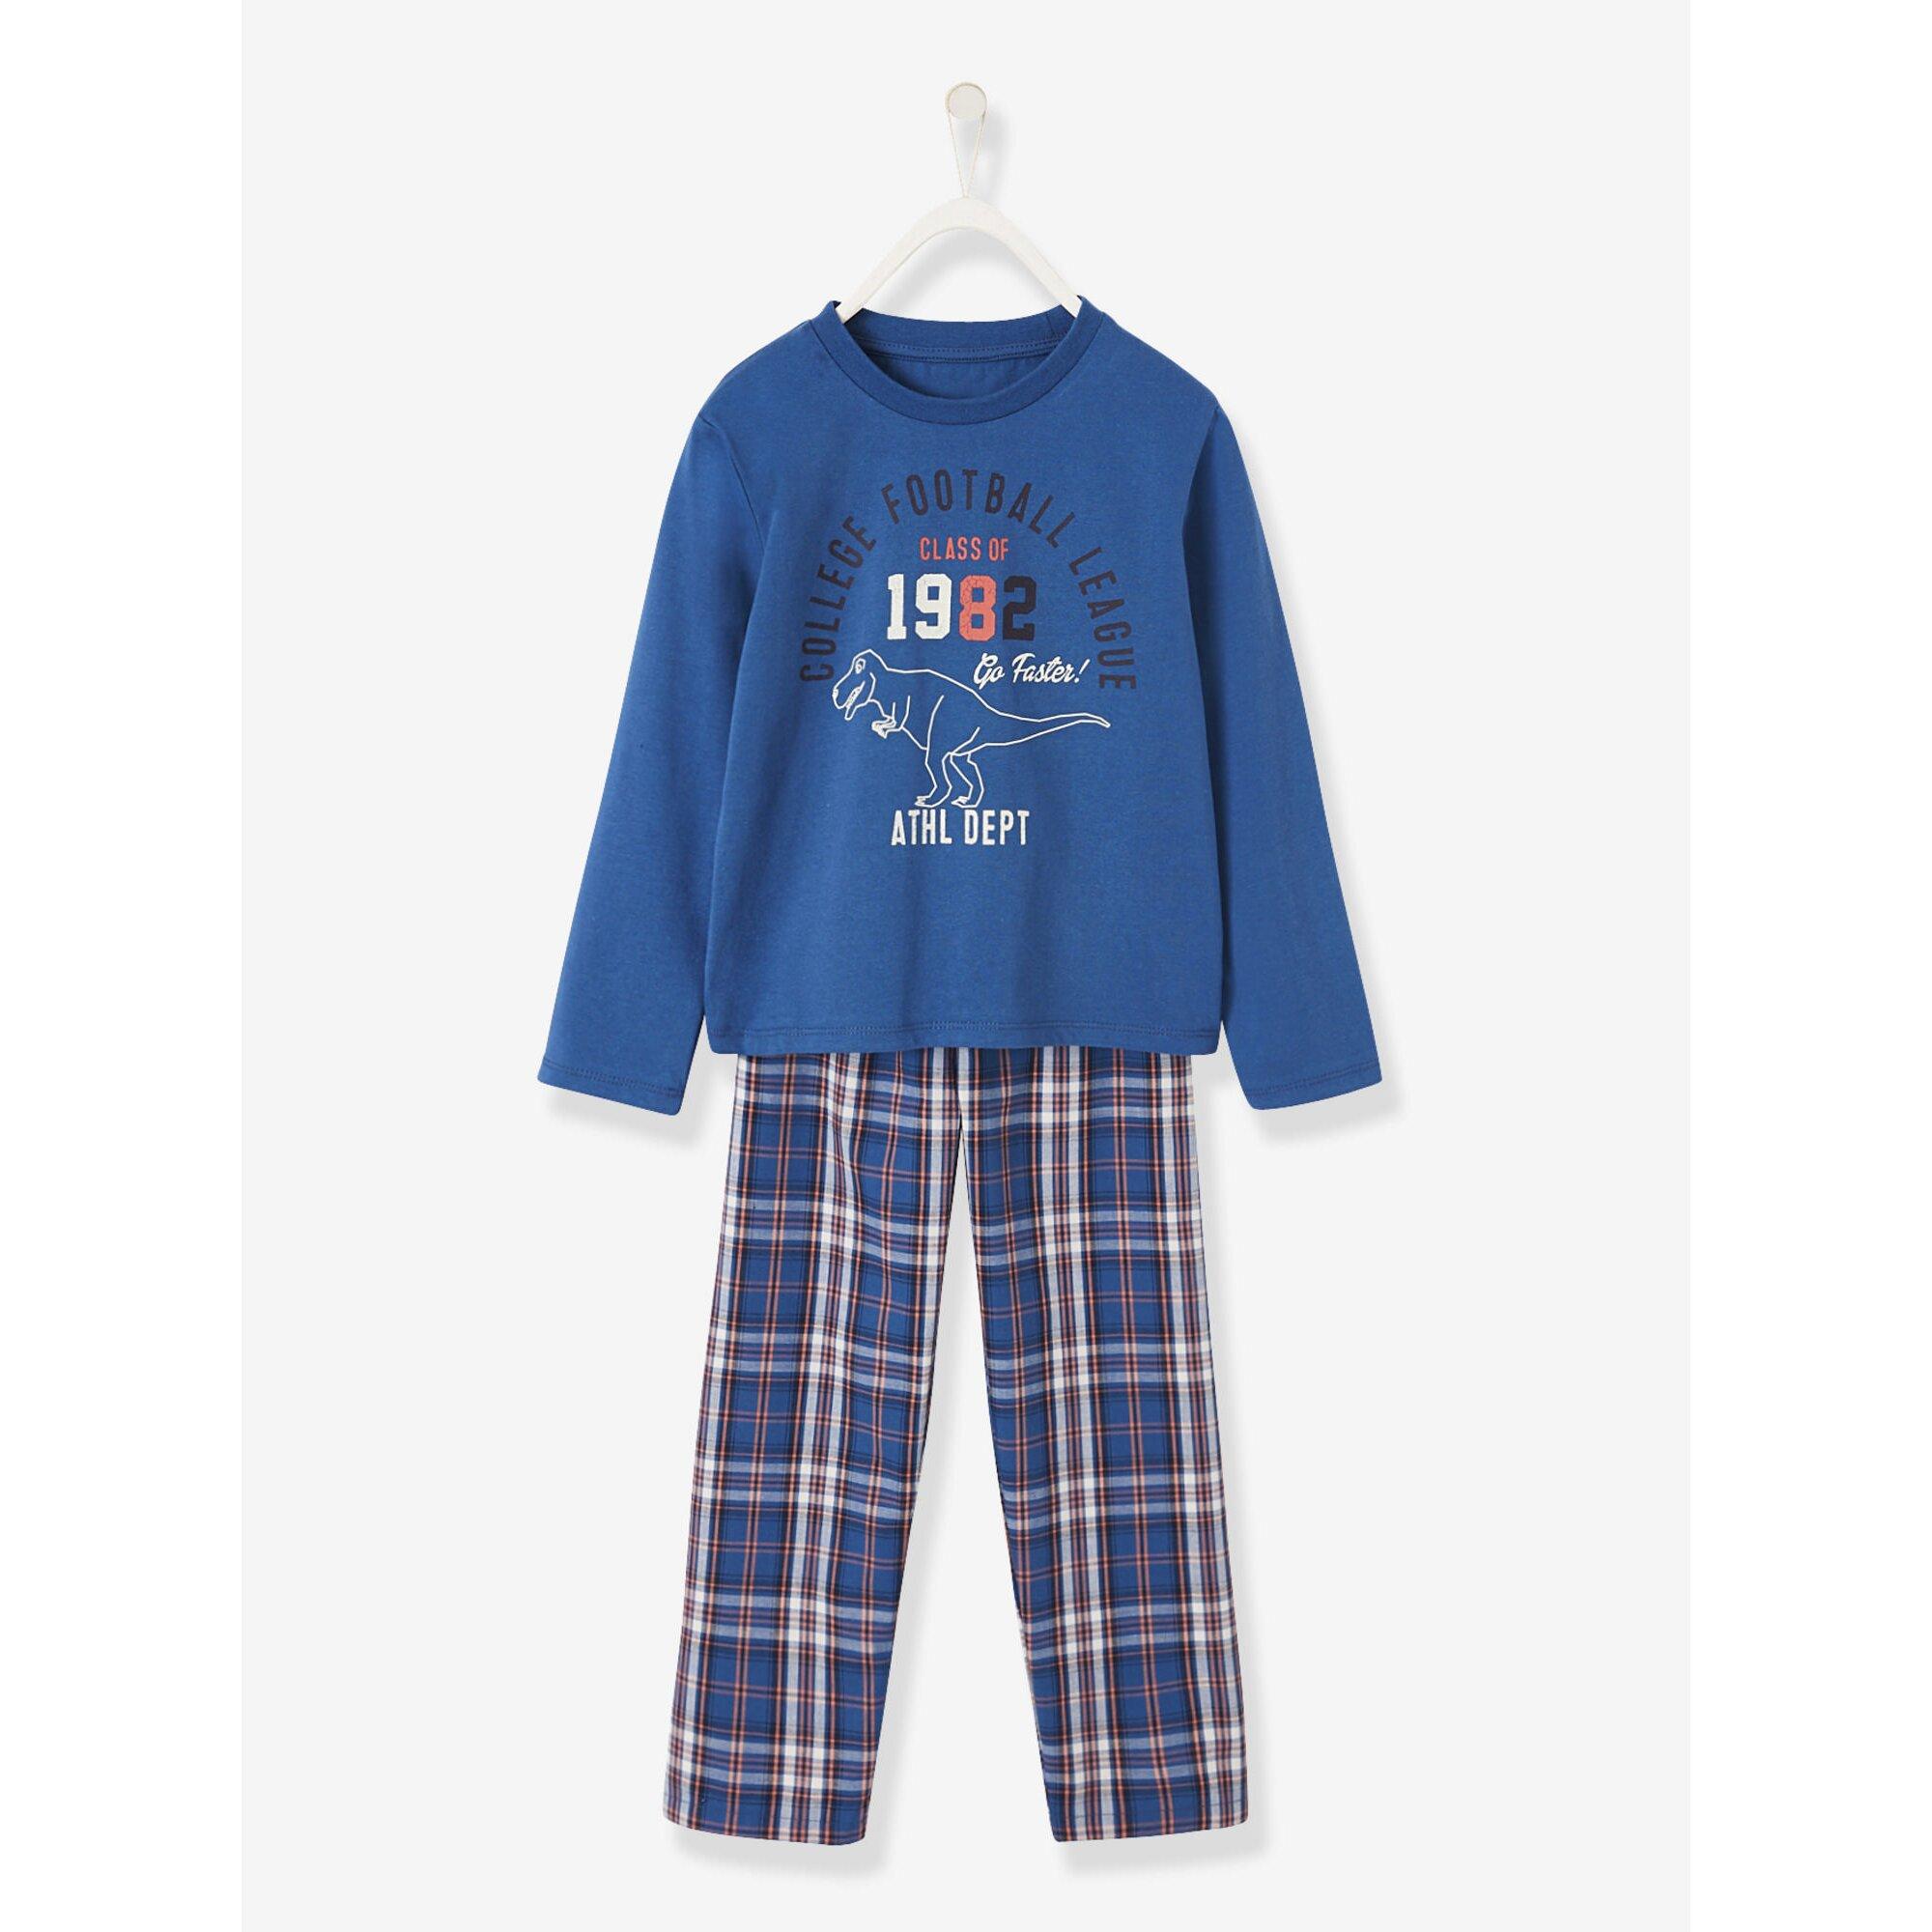 Vertbaudet Pyjama für Jungen, Materialmix